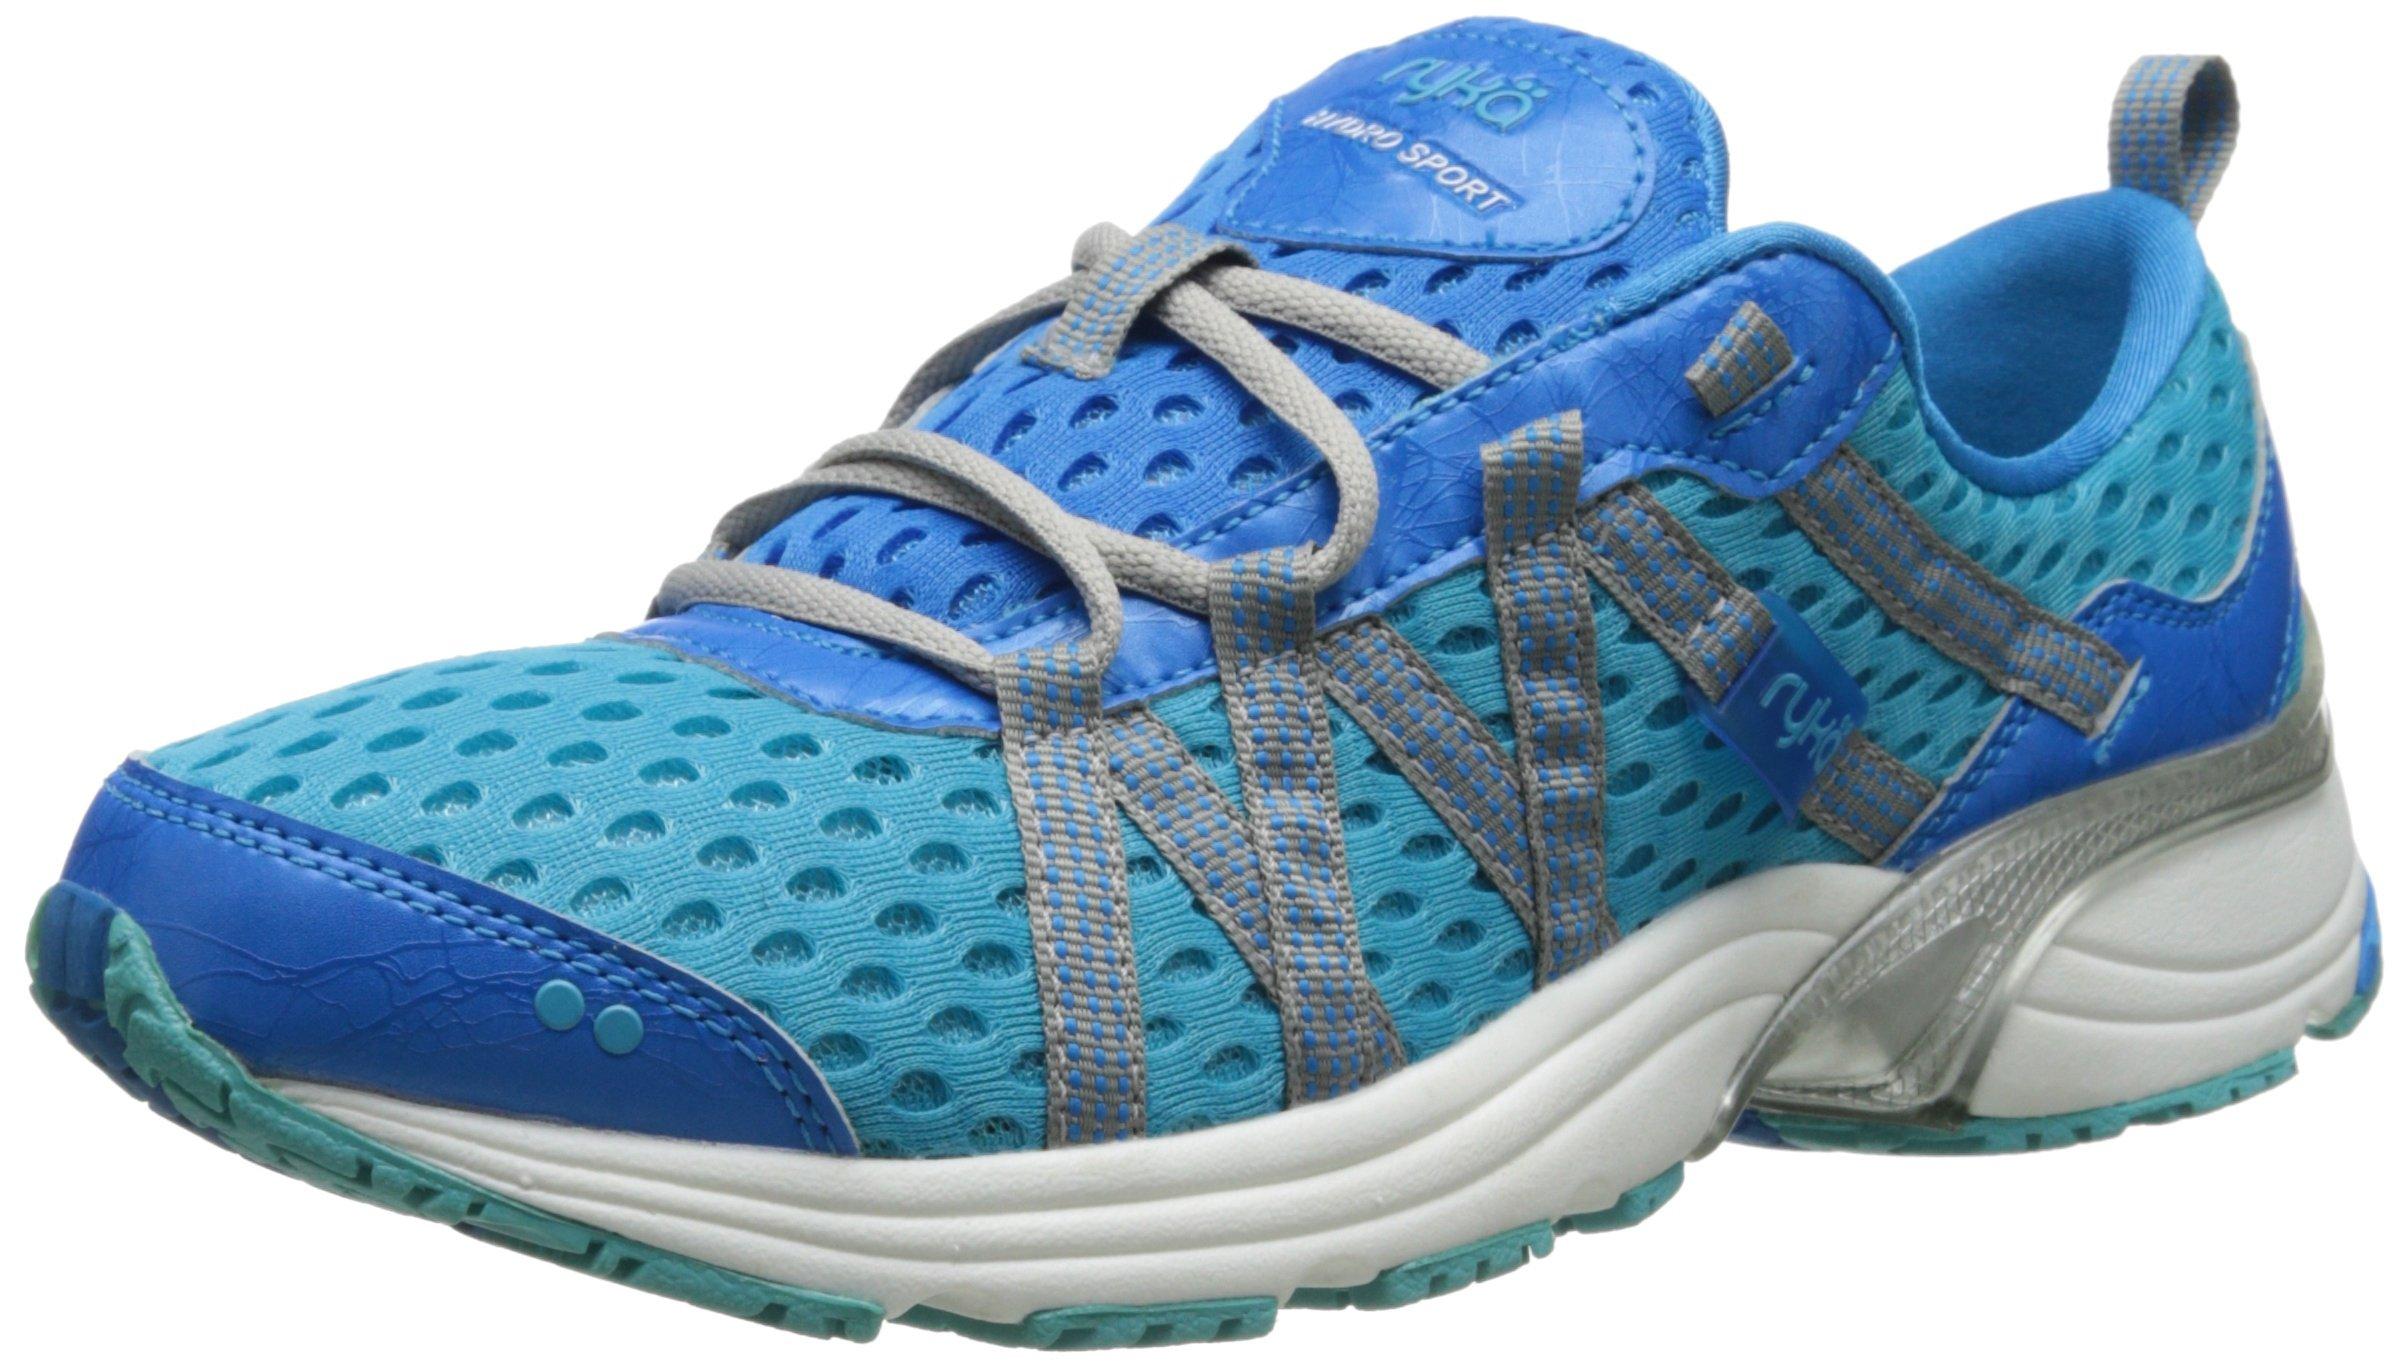 RYKA Women's Hydro Sport Water Shoe Cross Trainer, Detox Twinkle Blue/Chrome Silver, 5 M US